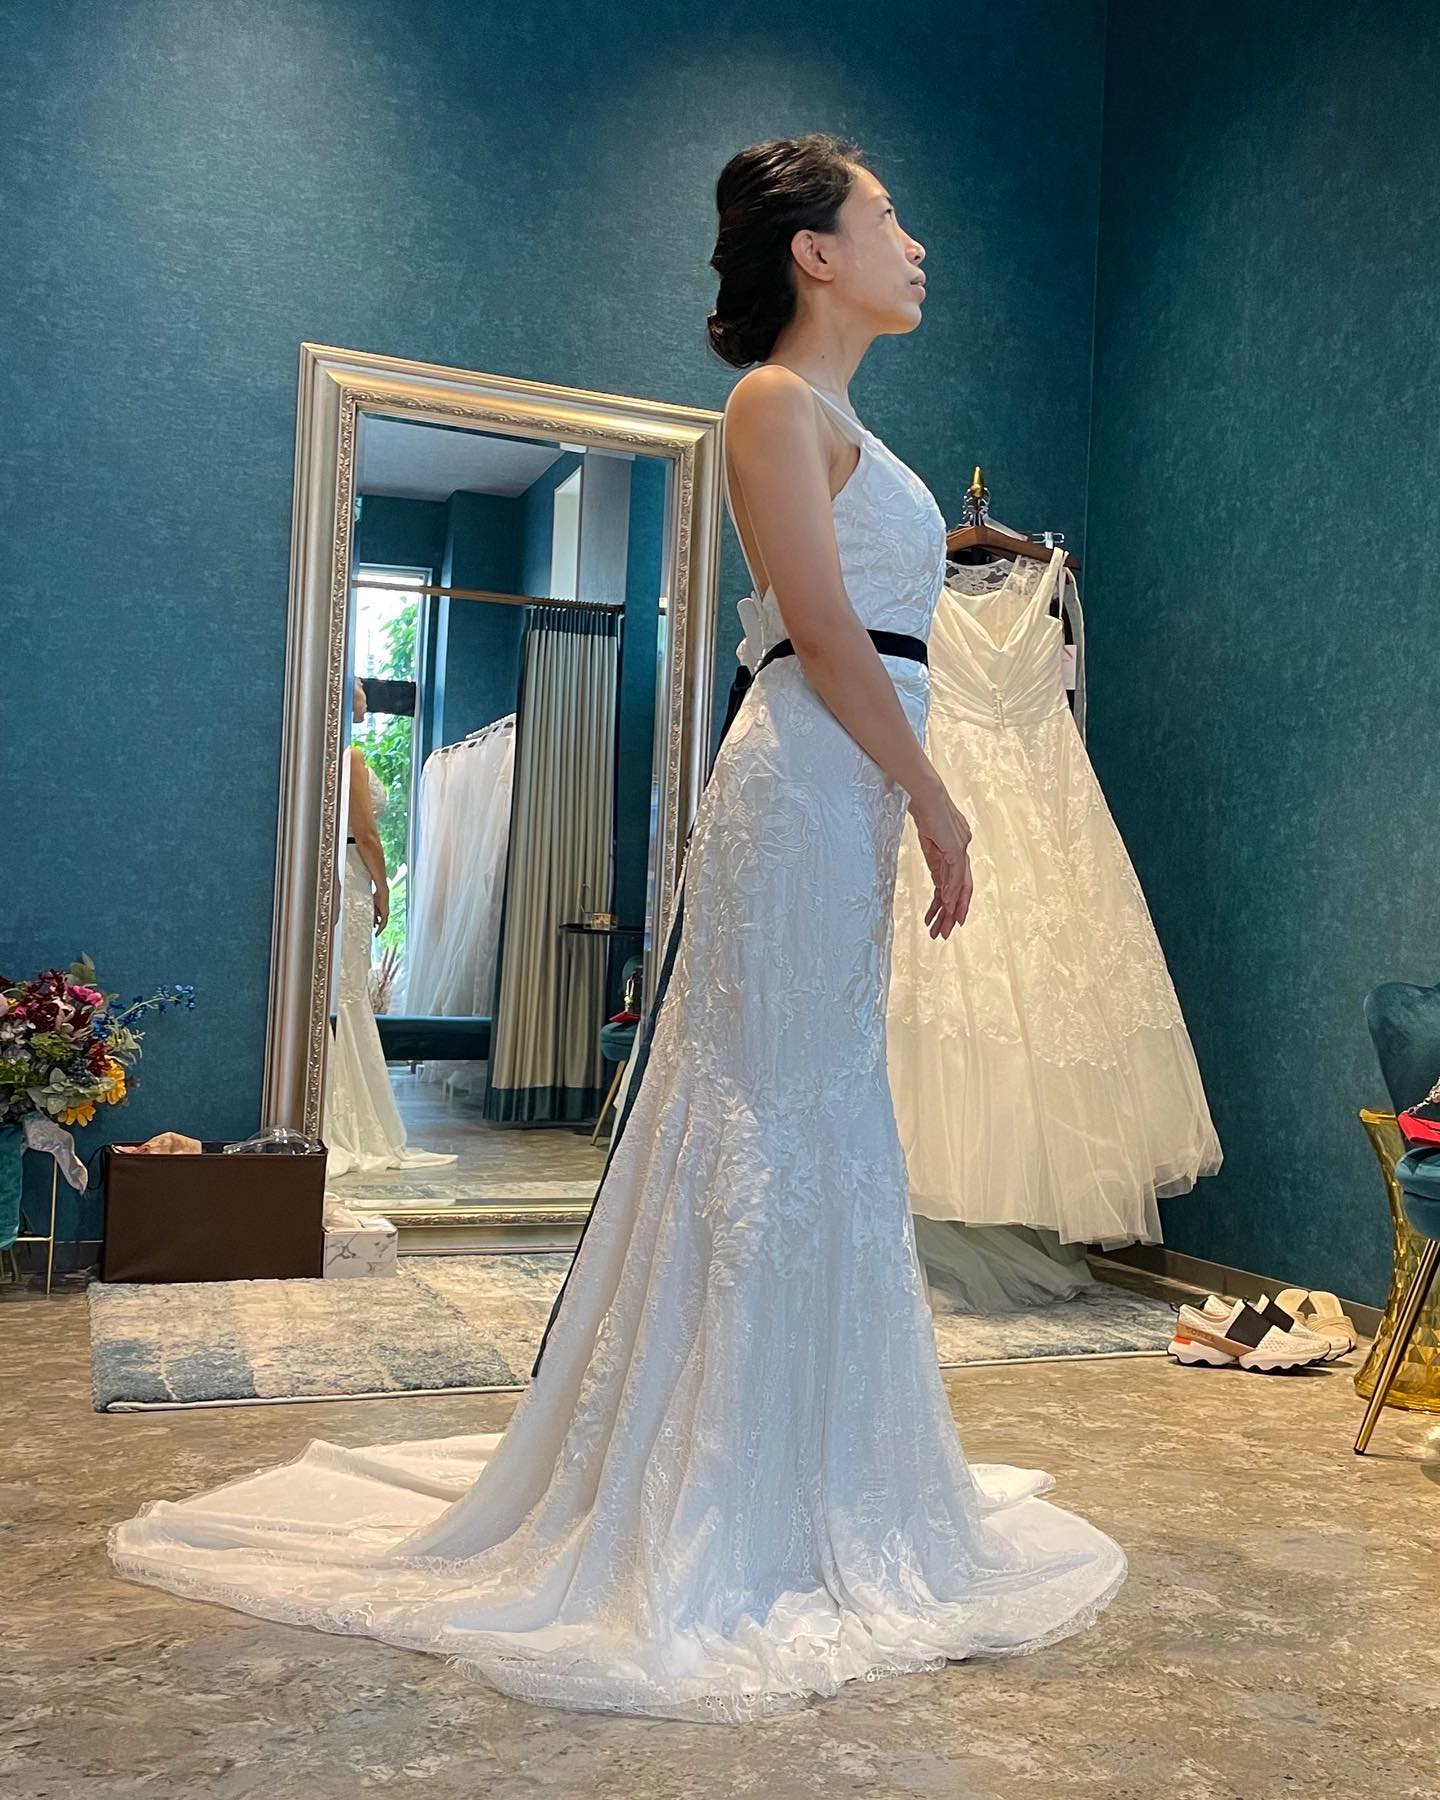 ・先日のご試着のお客様🕊・総レースのソフトマーメイドdress・バストラインと膝下から裾に向かっての美しい曲線が女性美を引き出します🤍・ネイビーのリボンで大人っぽく着こなしていただきました・08-4066購入価格 ¥260.000・#wedding #weddingdress #claras #ウェディングドレス #プレ花嫁 #ドレス試着#ドレス迷子#2021夏婚 #2021冬婚 #ヘアメイク #結婚式  #ドレス選び #前撮り #後撮り #フォトウェディング #ウェディングヘア  #フォト婚 #ブライダルフォト #カップルフォト #ウェディングドレス探し #ウェディングドレス試着 #レンタルドレス #ドレスショップ #家族婚 #バウリニューアル #記念日婚 #モニター募集 #ドレス迷子 #限定 #プレ花嫁 #ボヘミアンウェディング